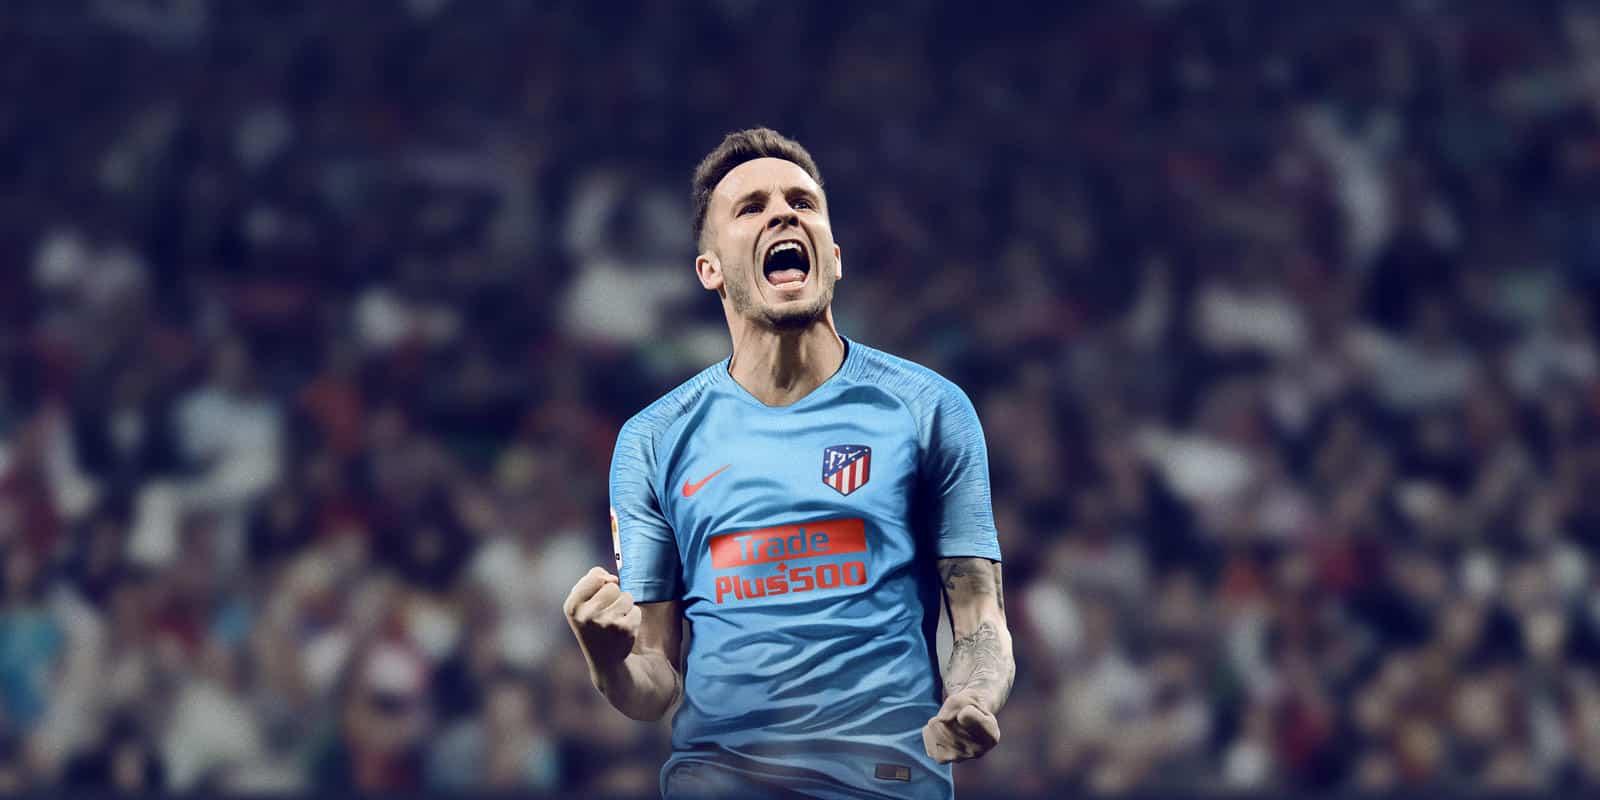 maillot-exterieur-atletico-madrid-2018-2019-joueur2